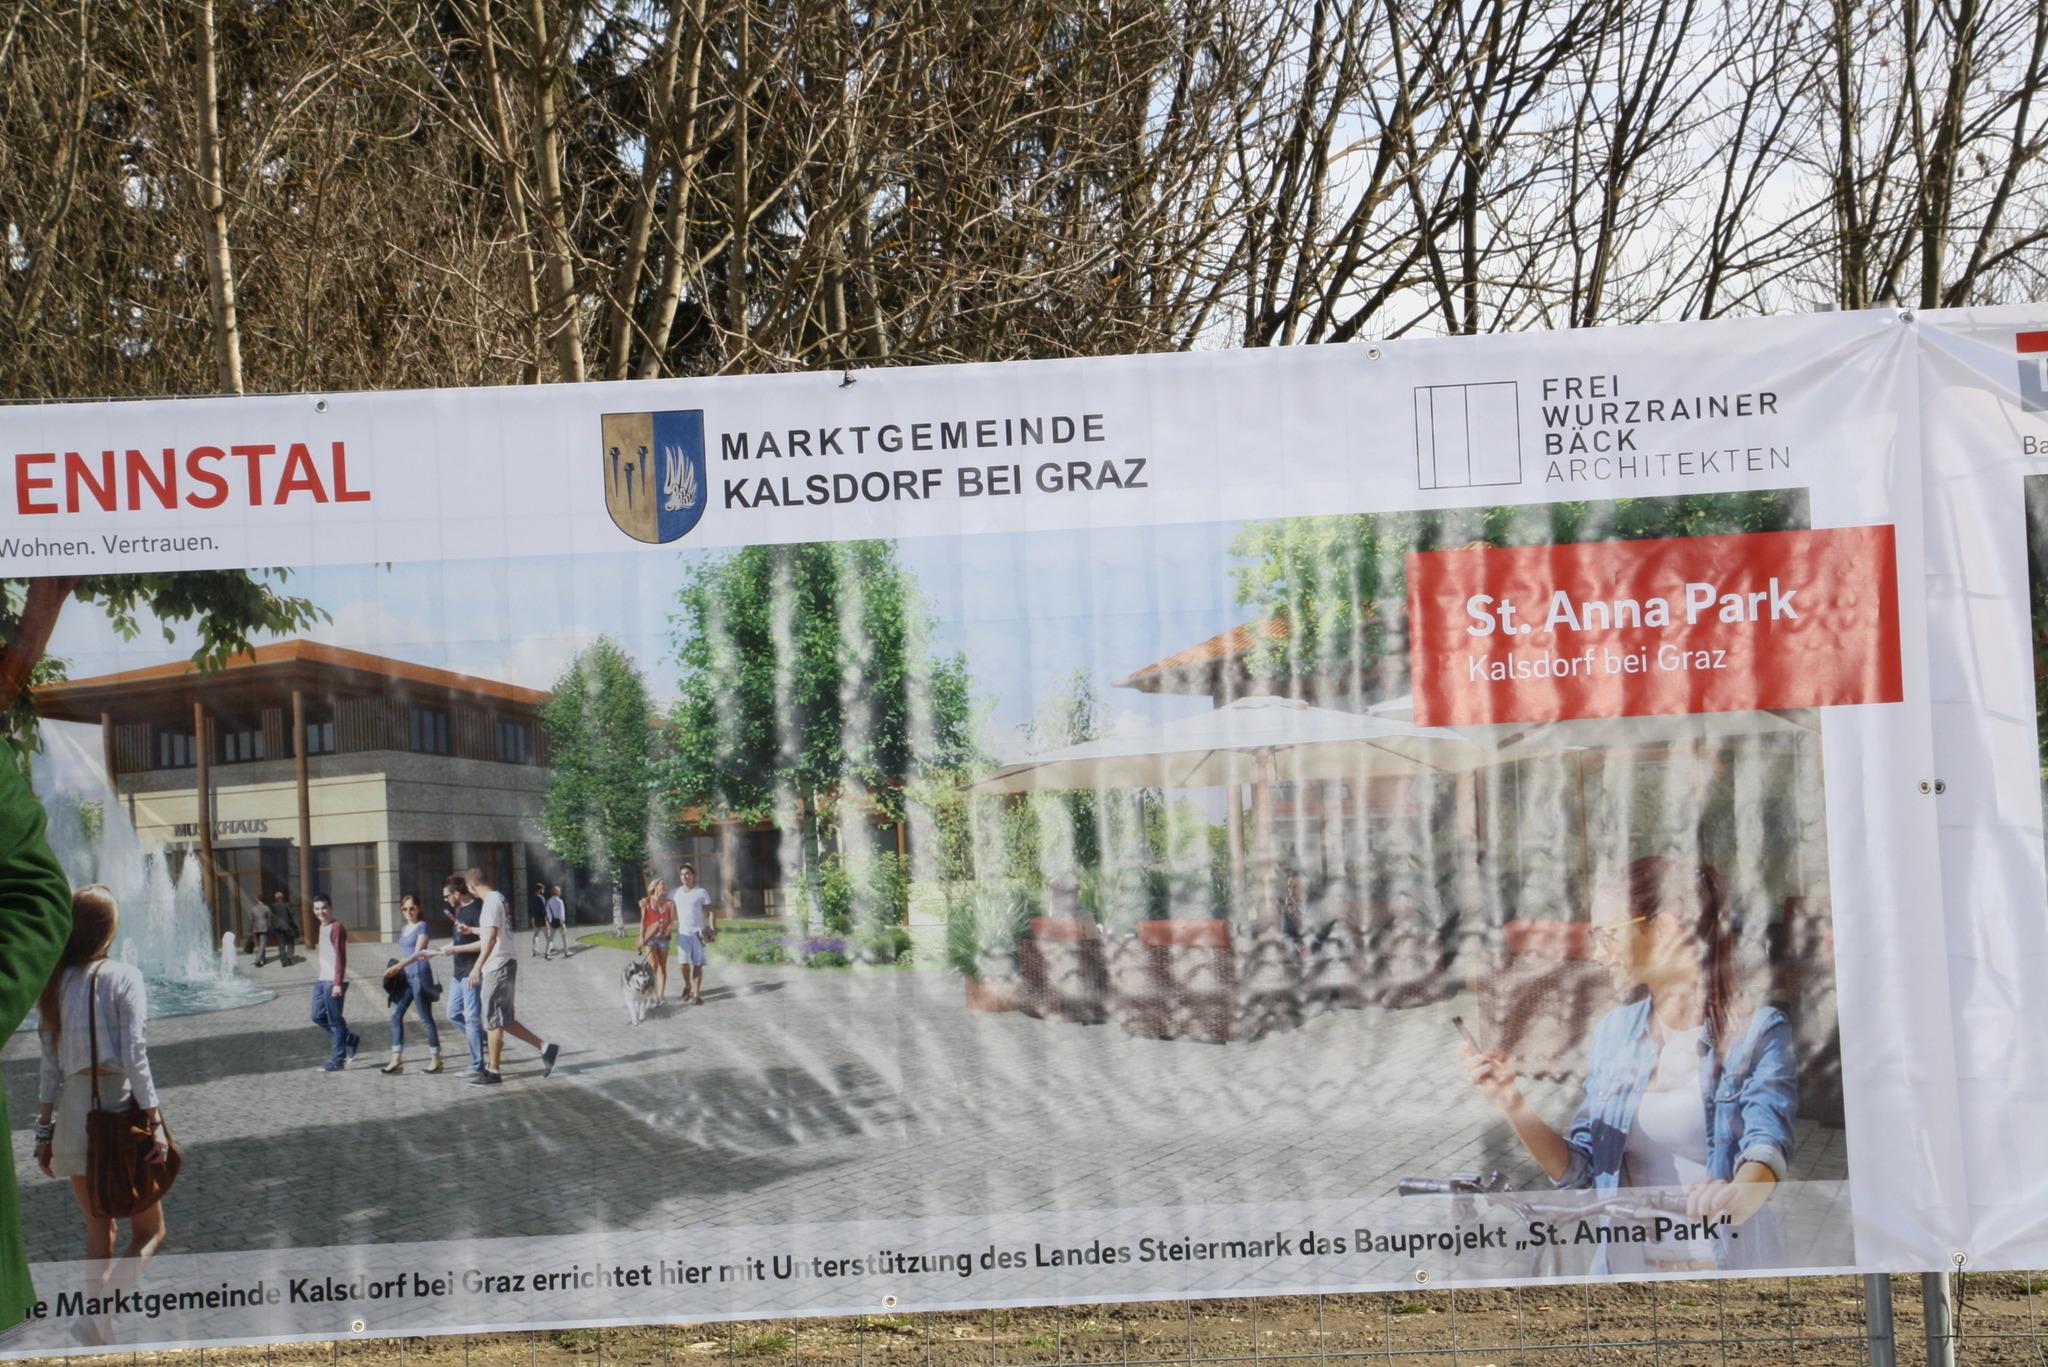 Spatenstich Zum St Anna Park In Kalsdorf Graz Umgebung